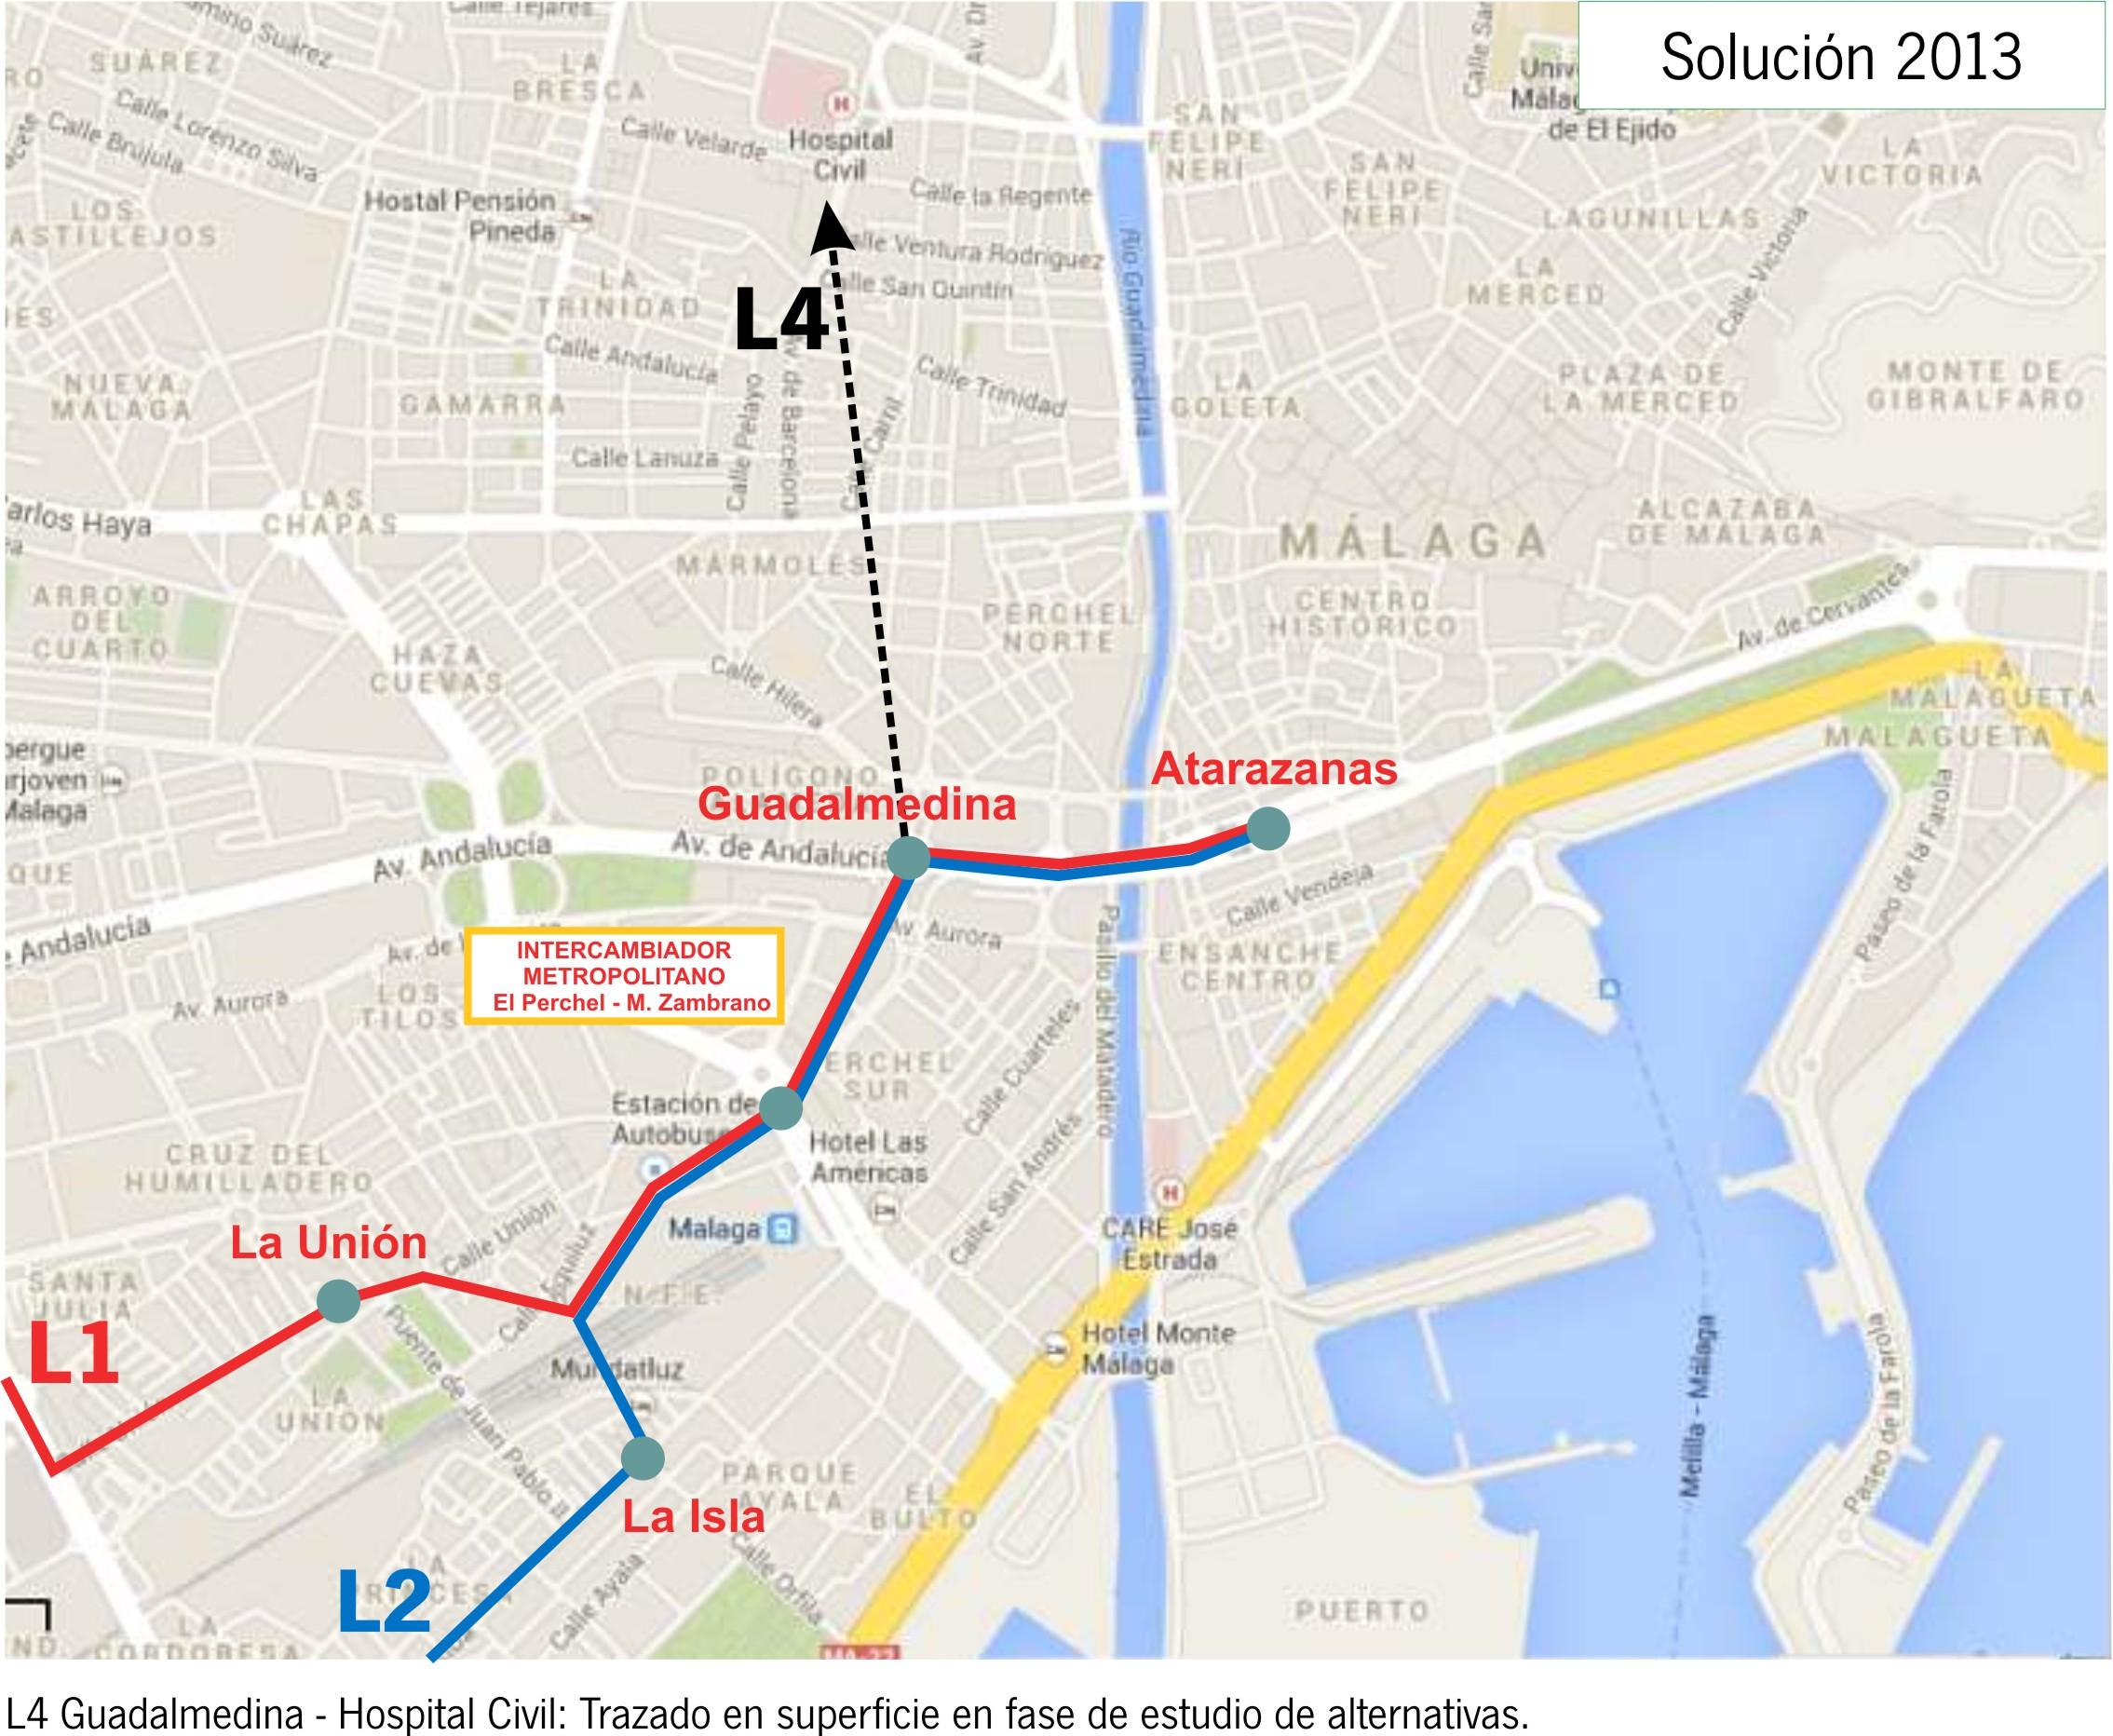 Mapa_solución 2013